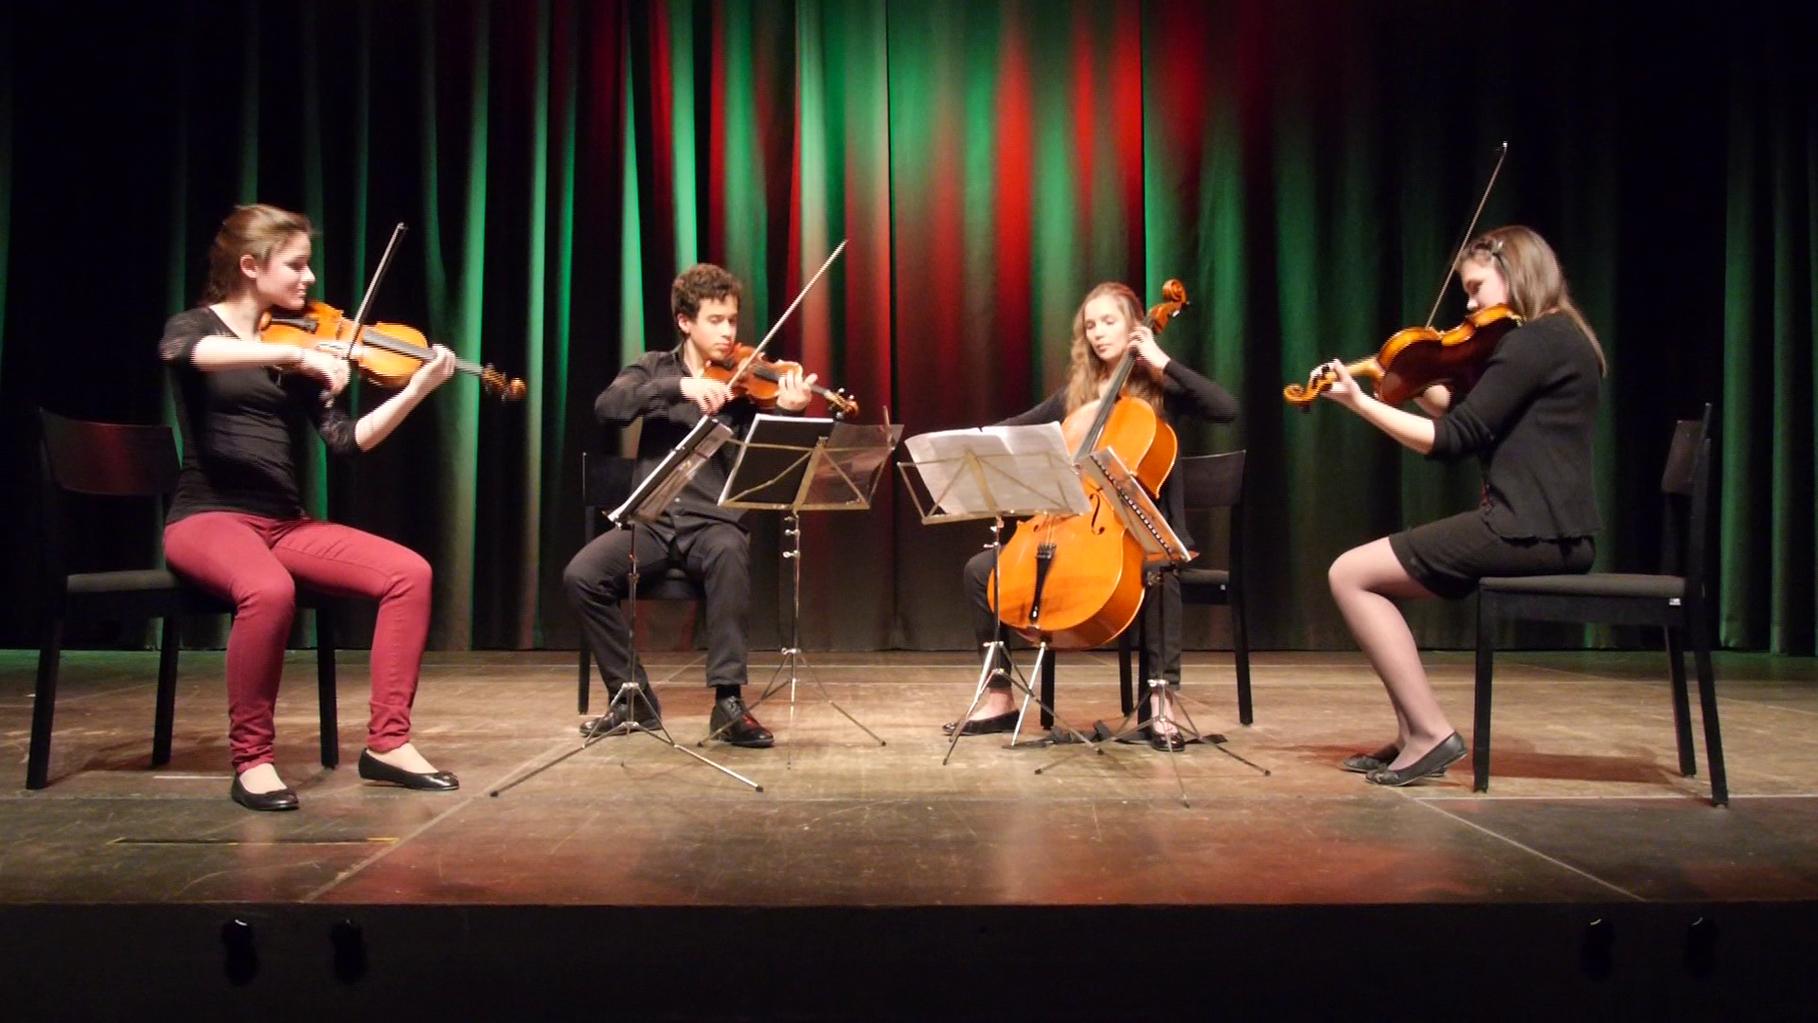 Kamazabra-Quartett